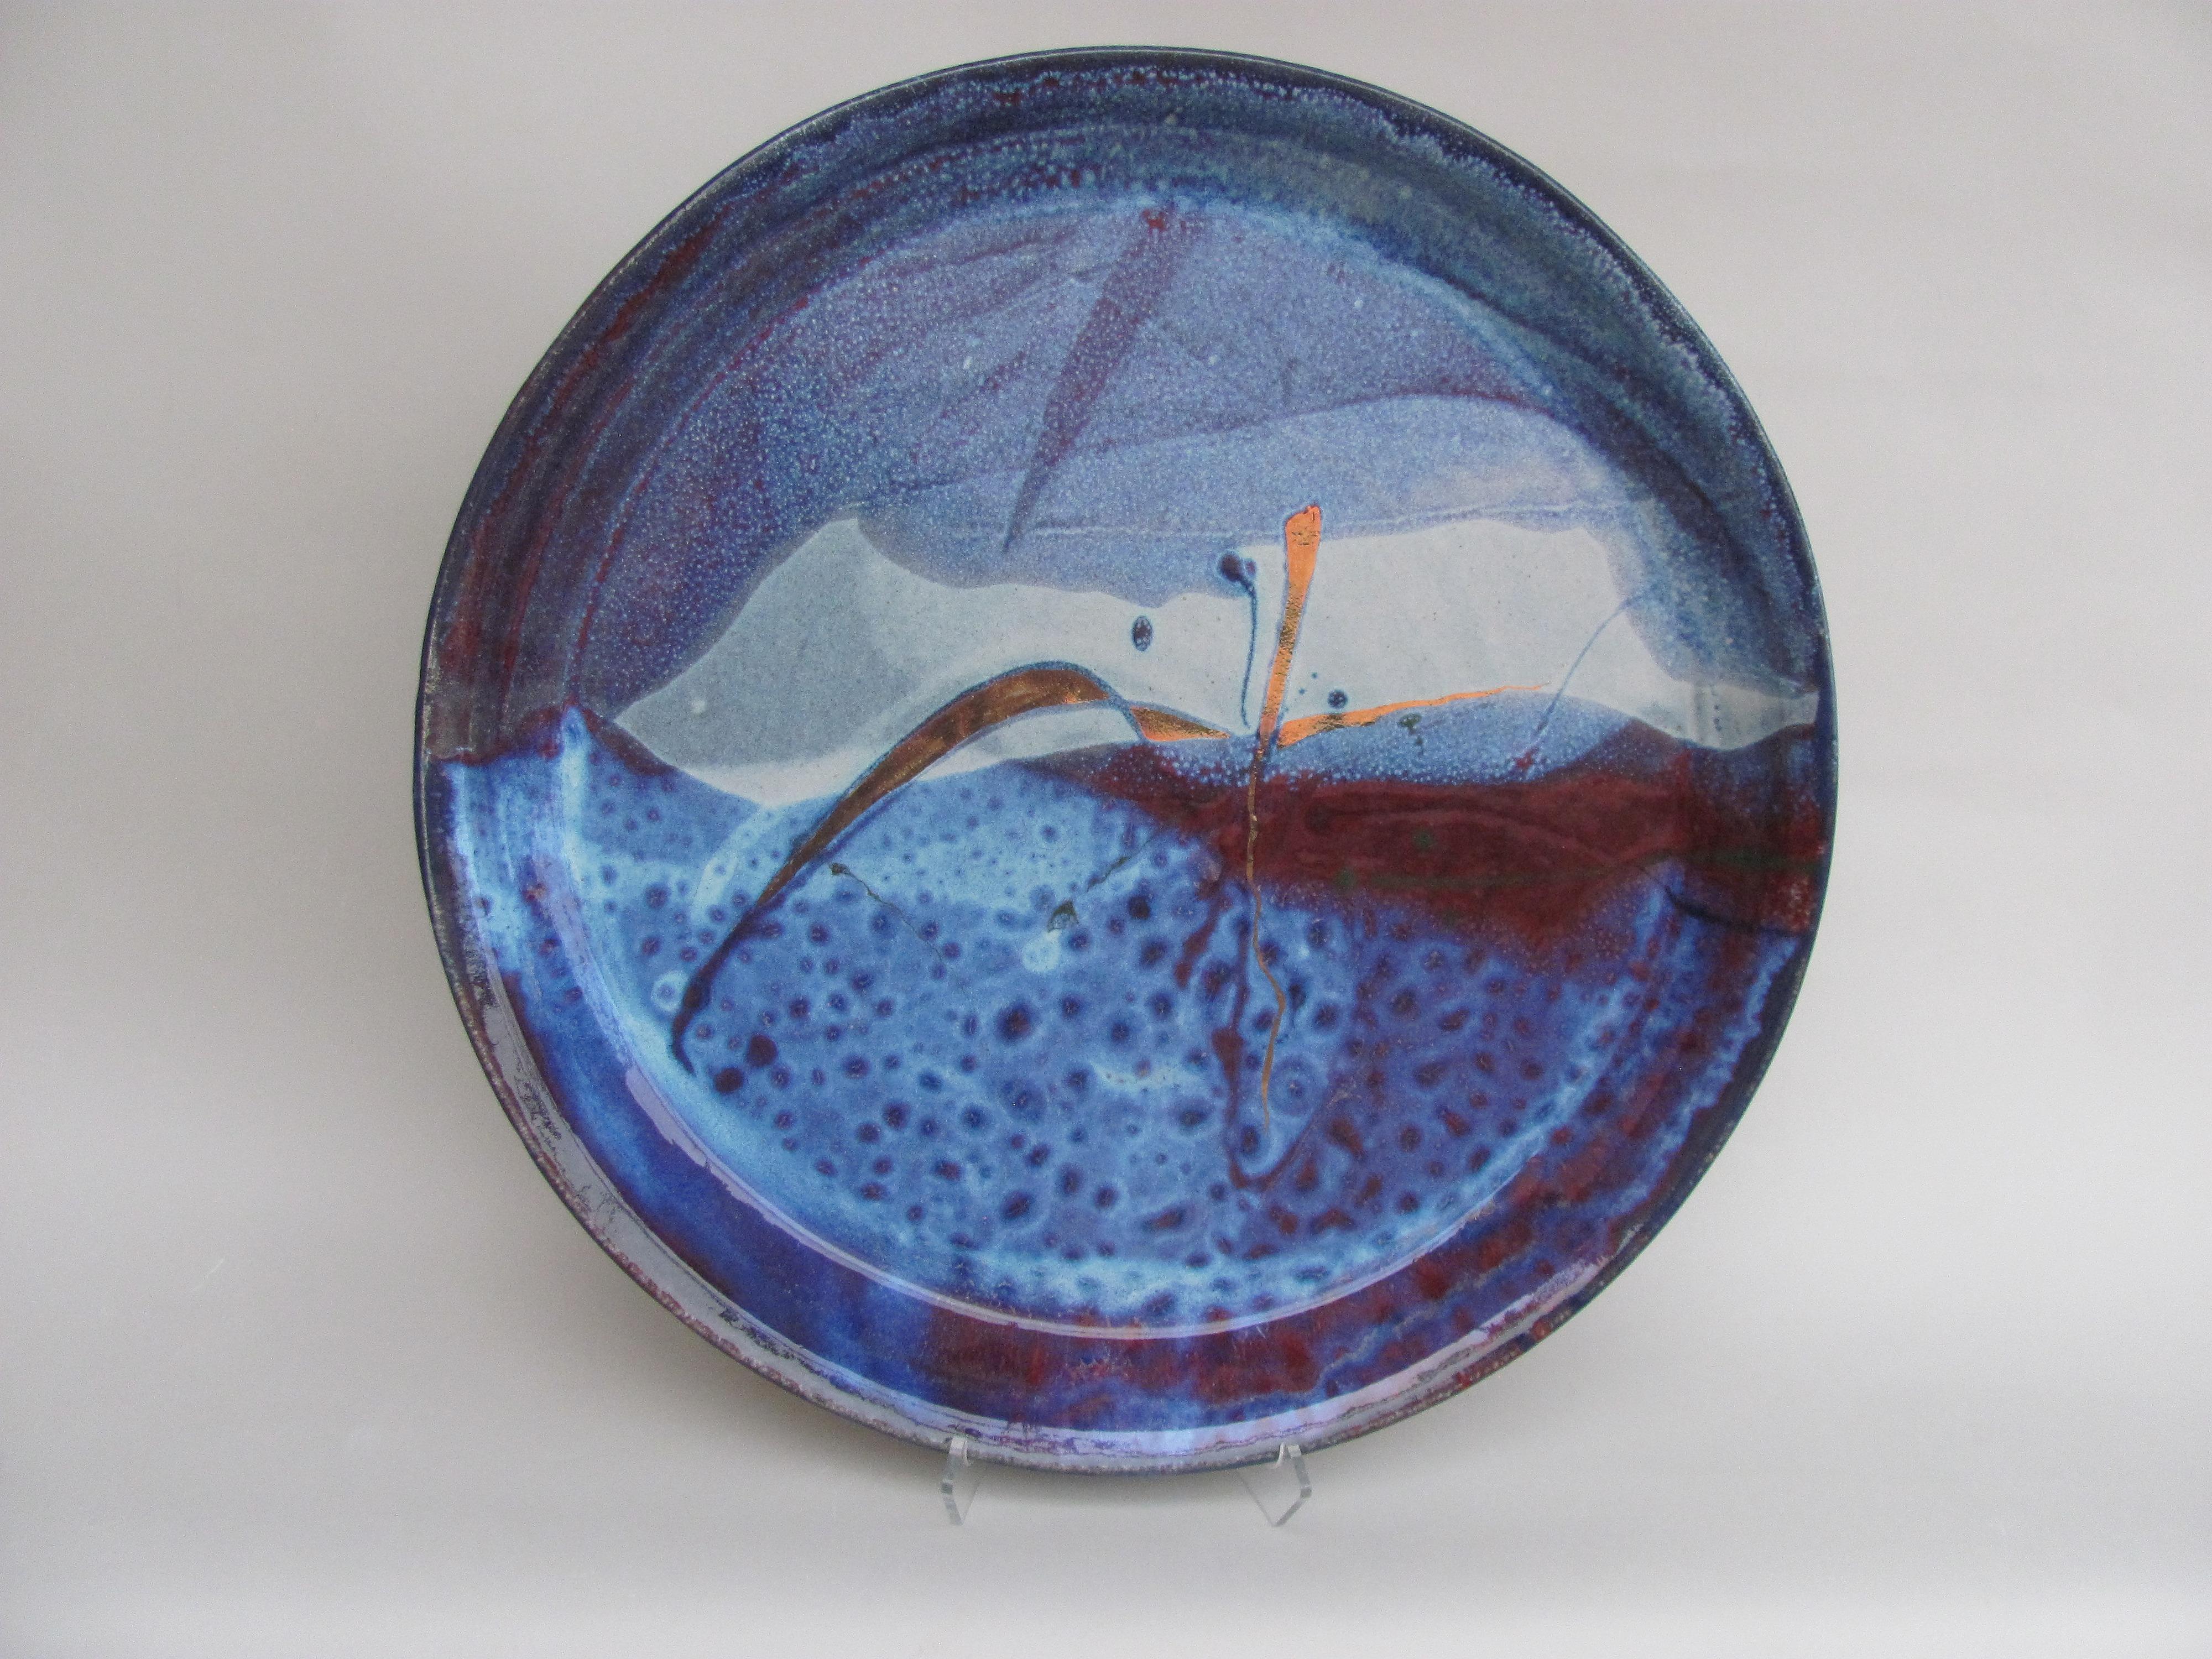 lustter paltter 1 by Macy Dorf | ArtworkNetwork.com